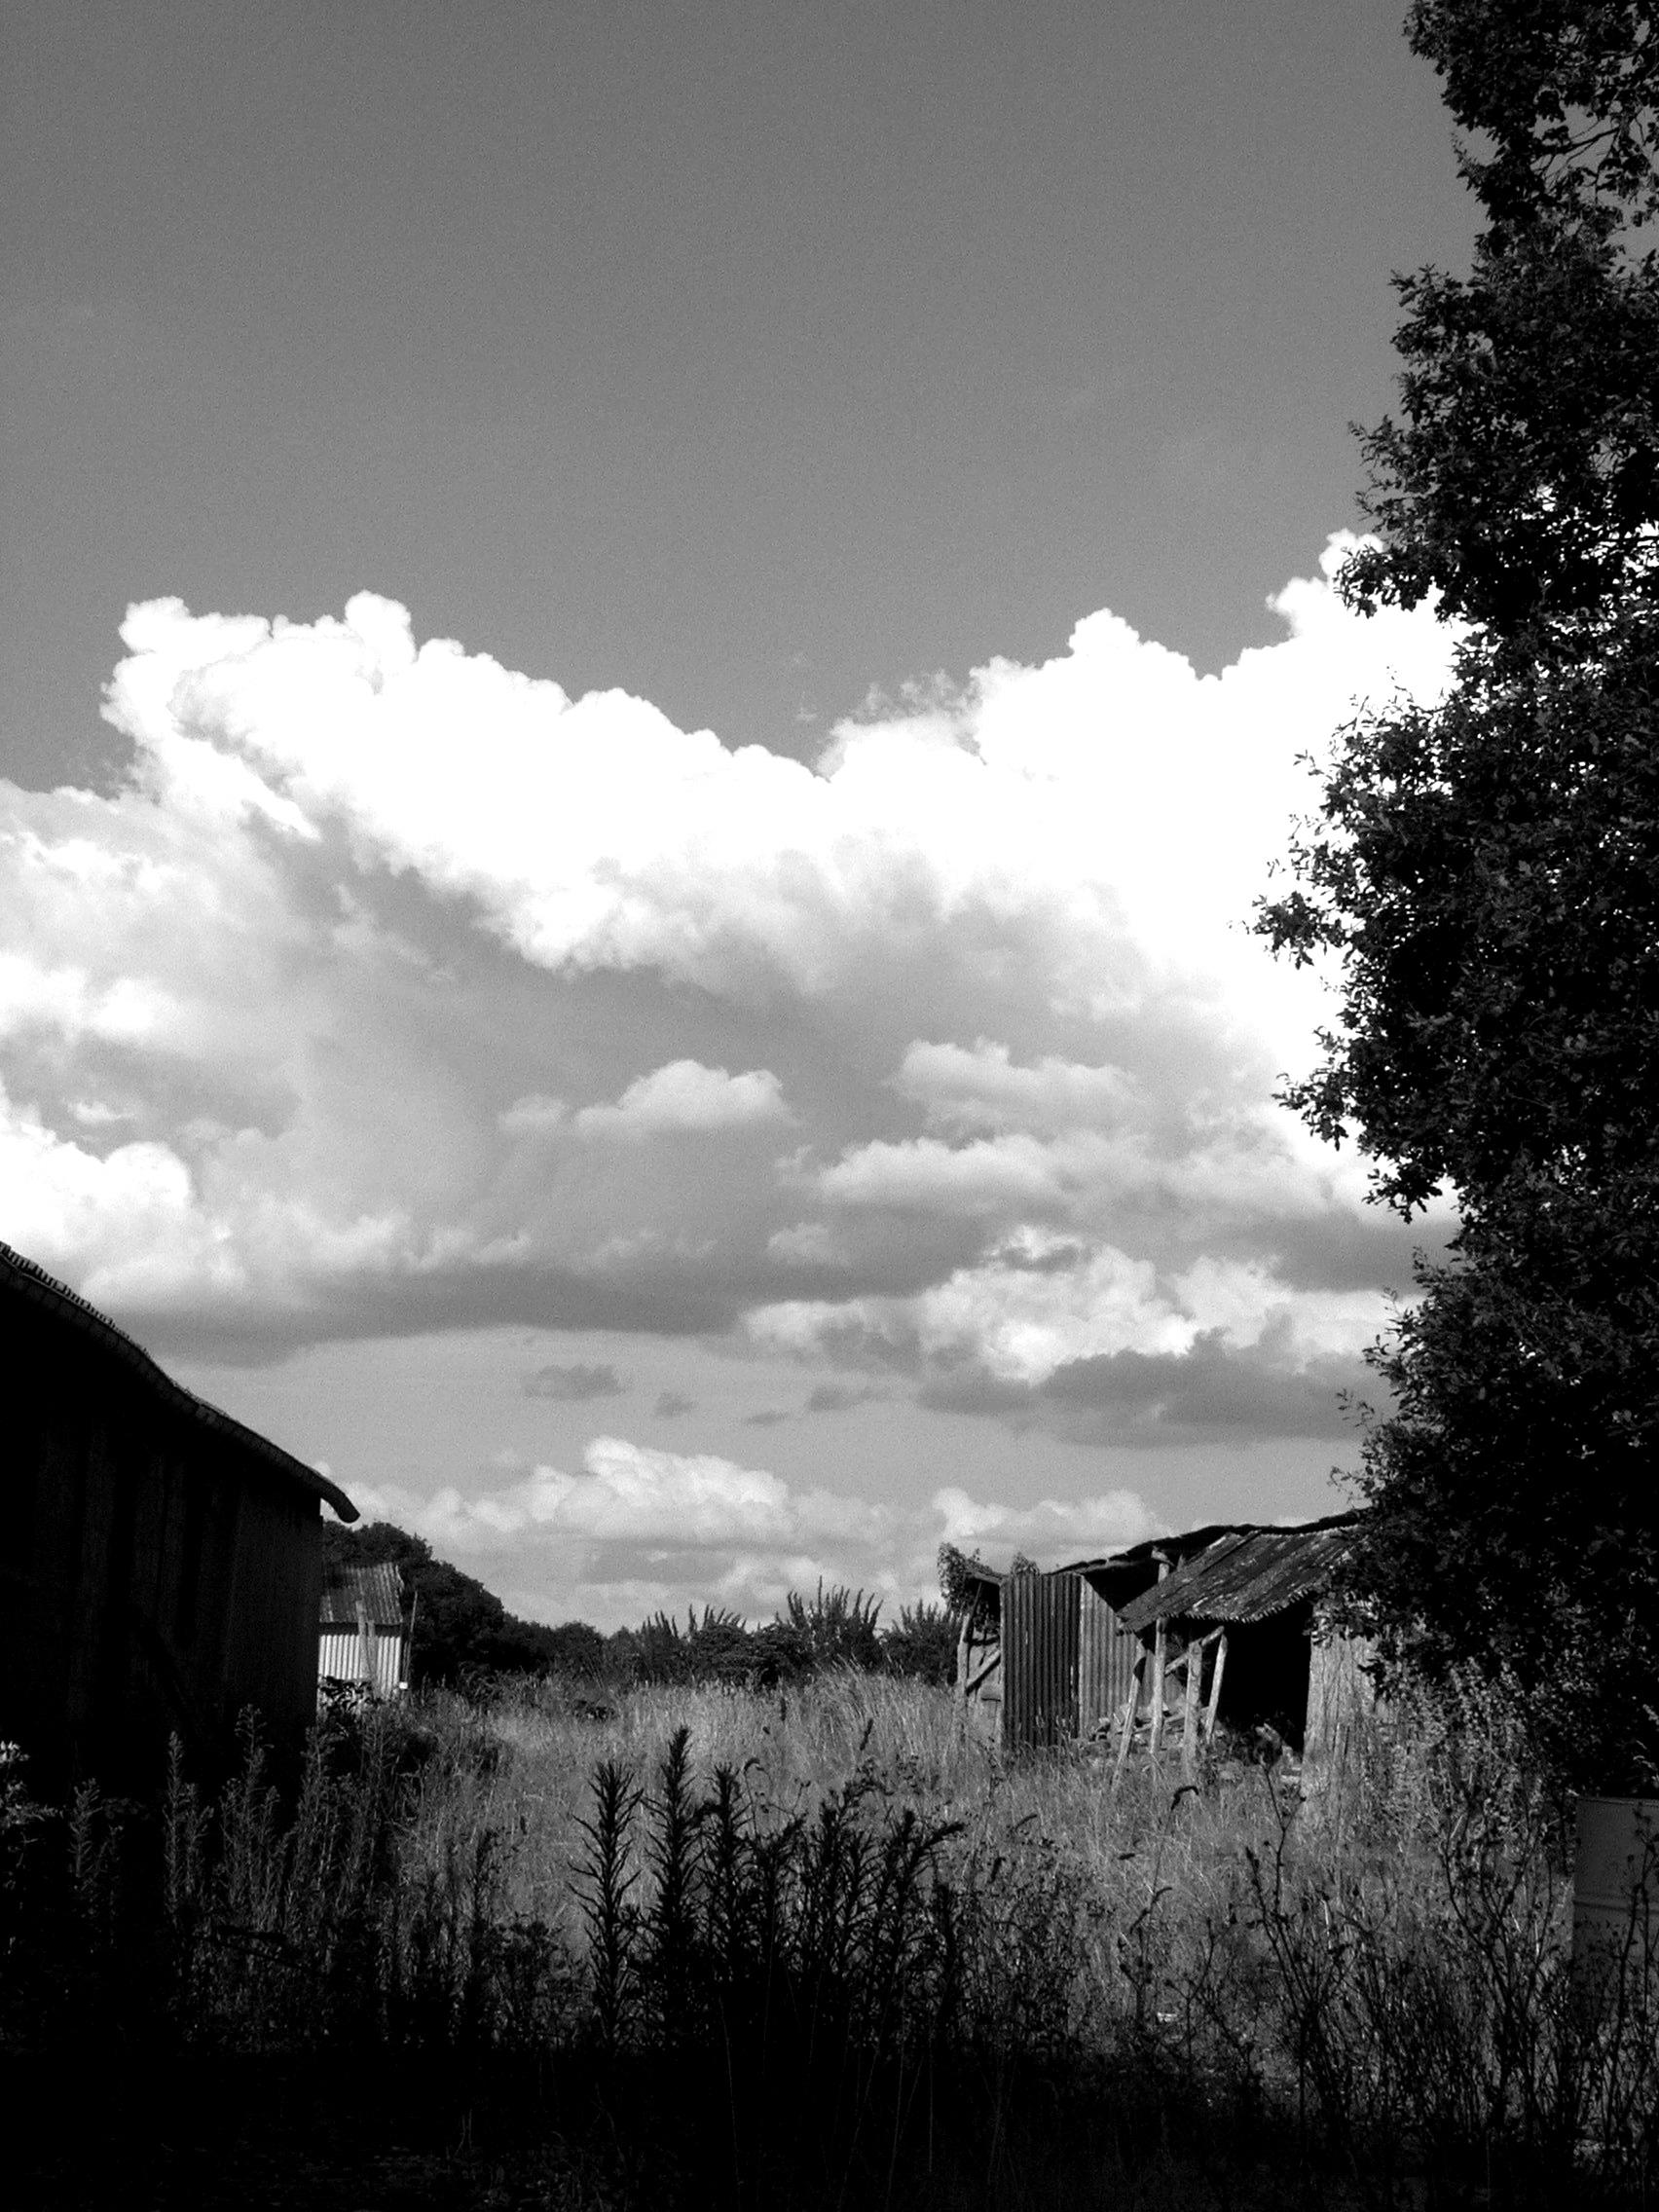 """""""Il n'est point de bonheur sans nuages.""""  Proverbe philosophique"""